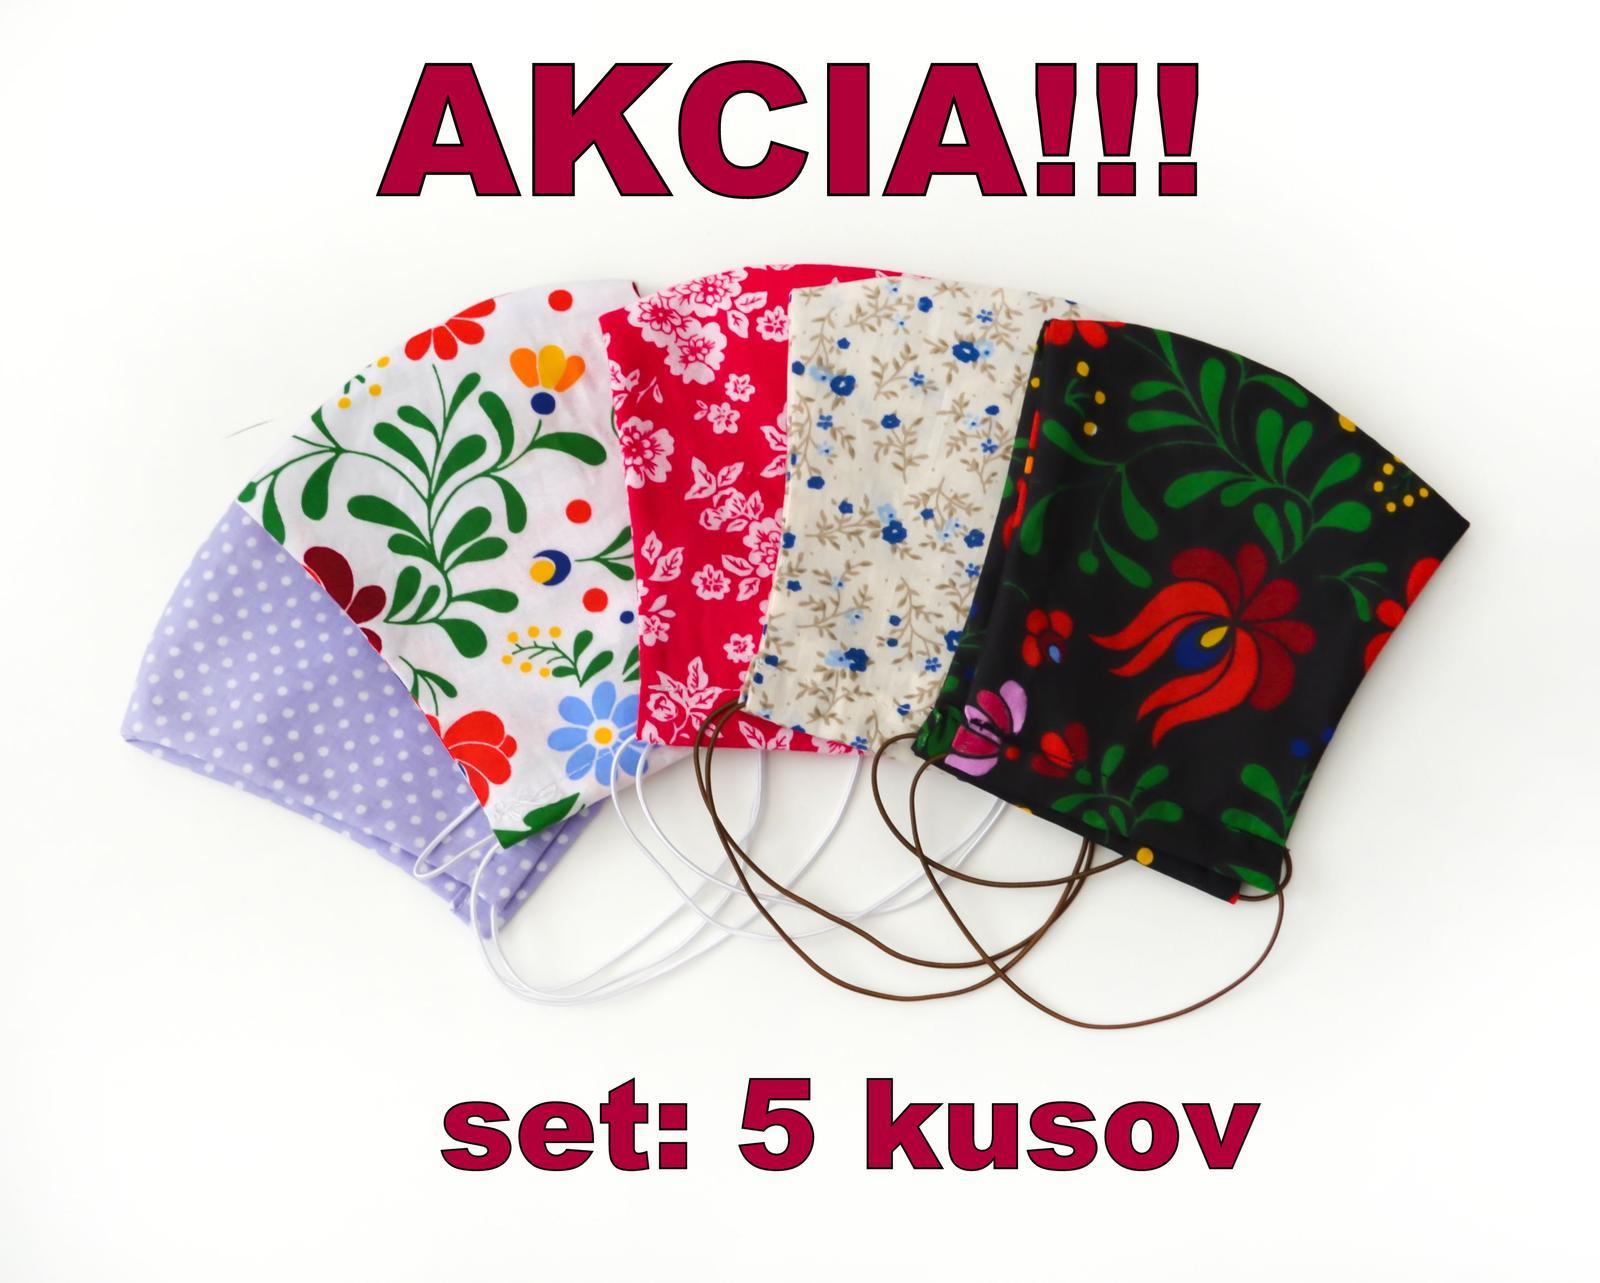 AKCIA - set 5 kusov - DVOJVRSTVOVÉ rúška na tvár  - Obrázok č. 1